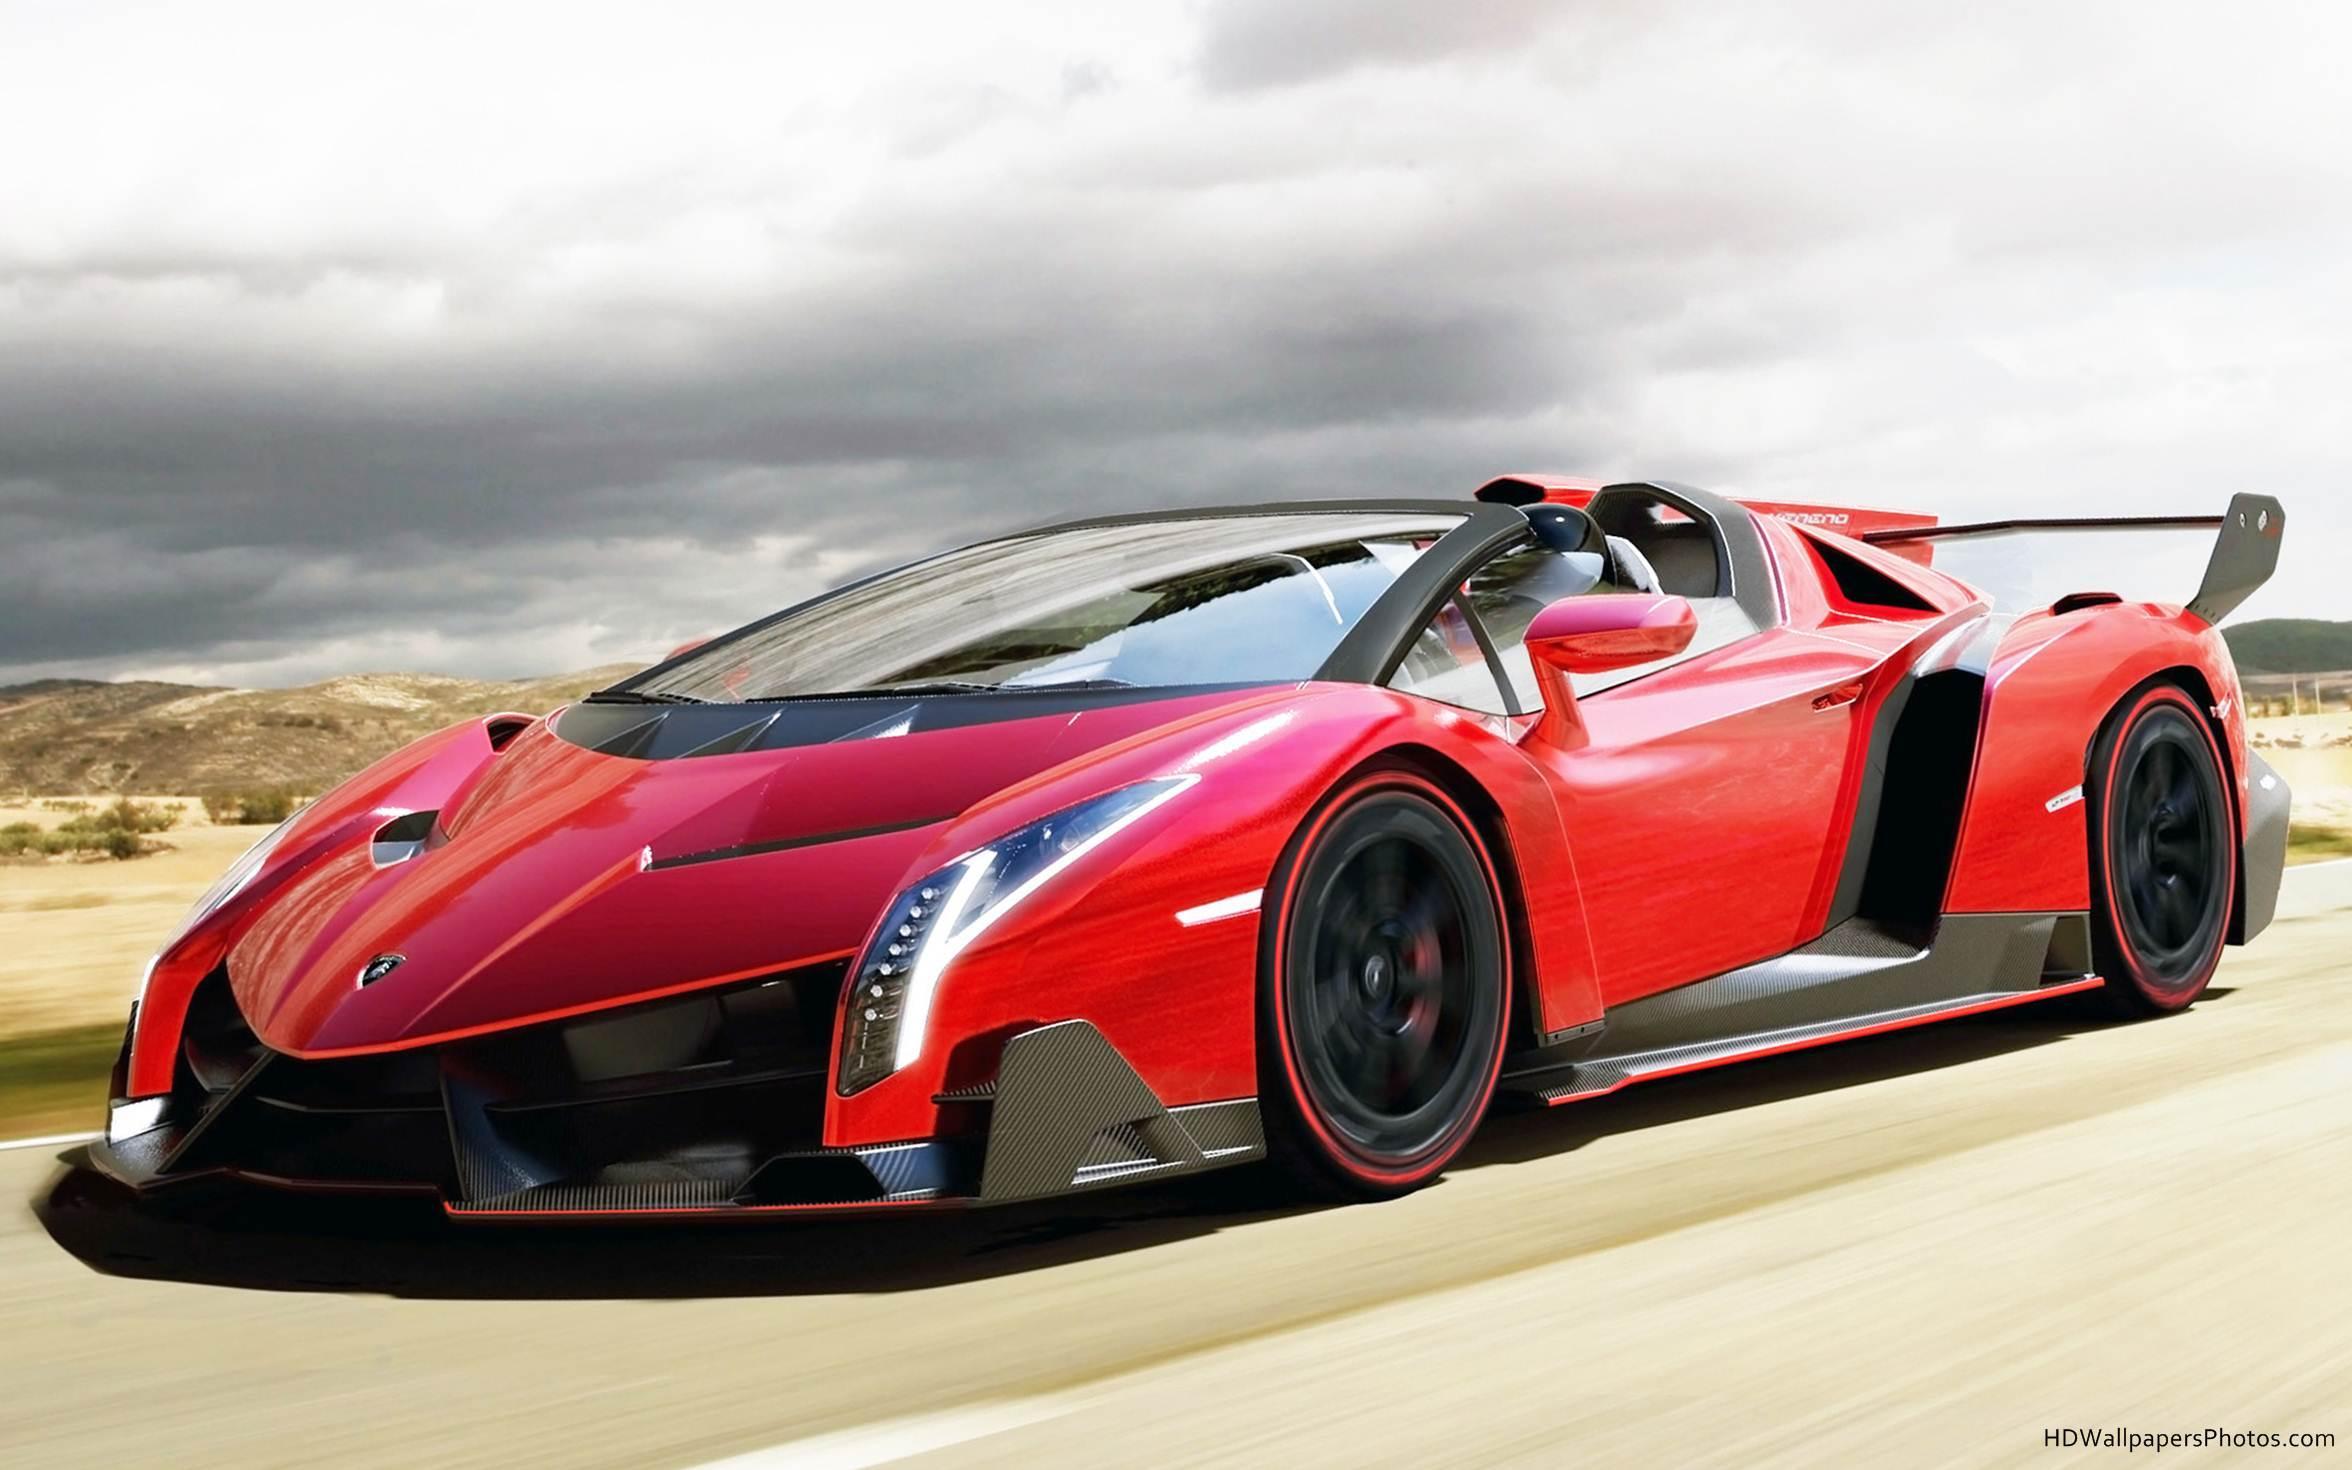 Lamborghini Veneo are furious hot cars